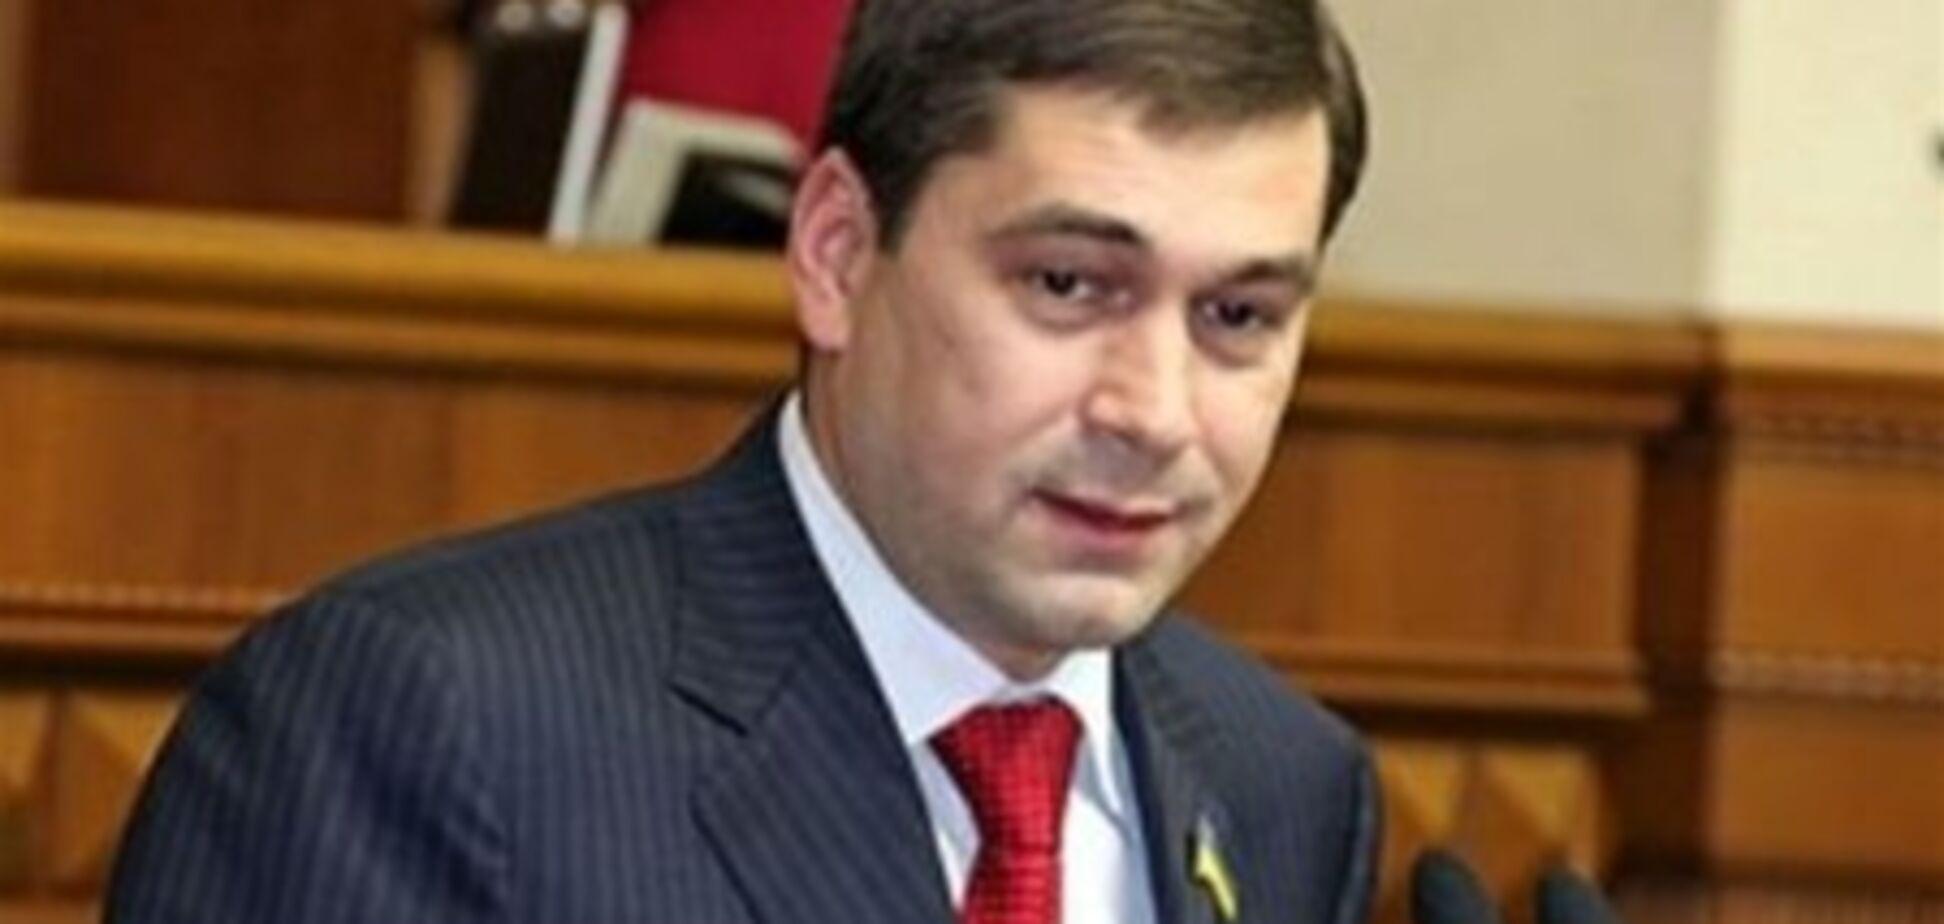 Луцький зробив заяву з приводу кримінальних провокацій з боку опозиції